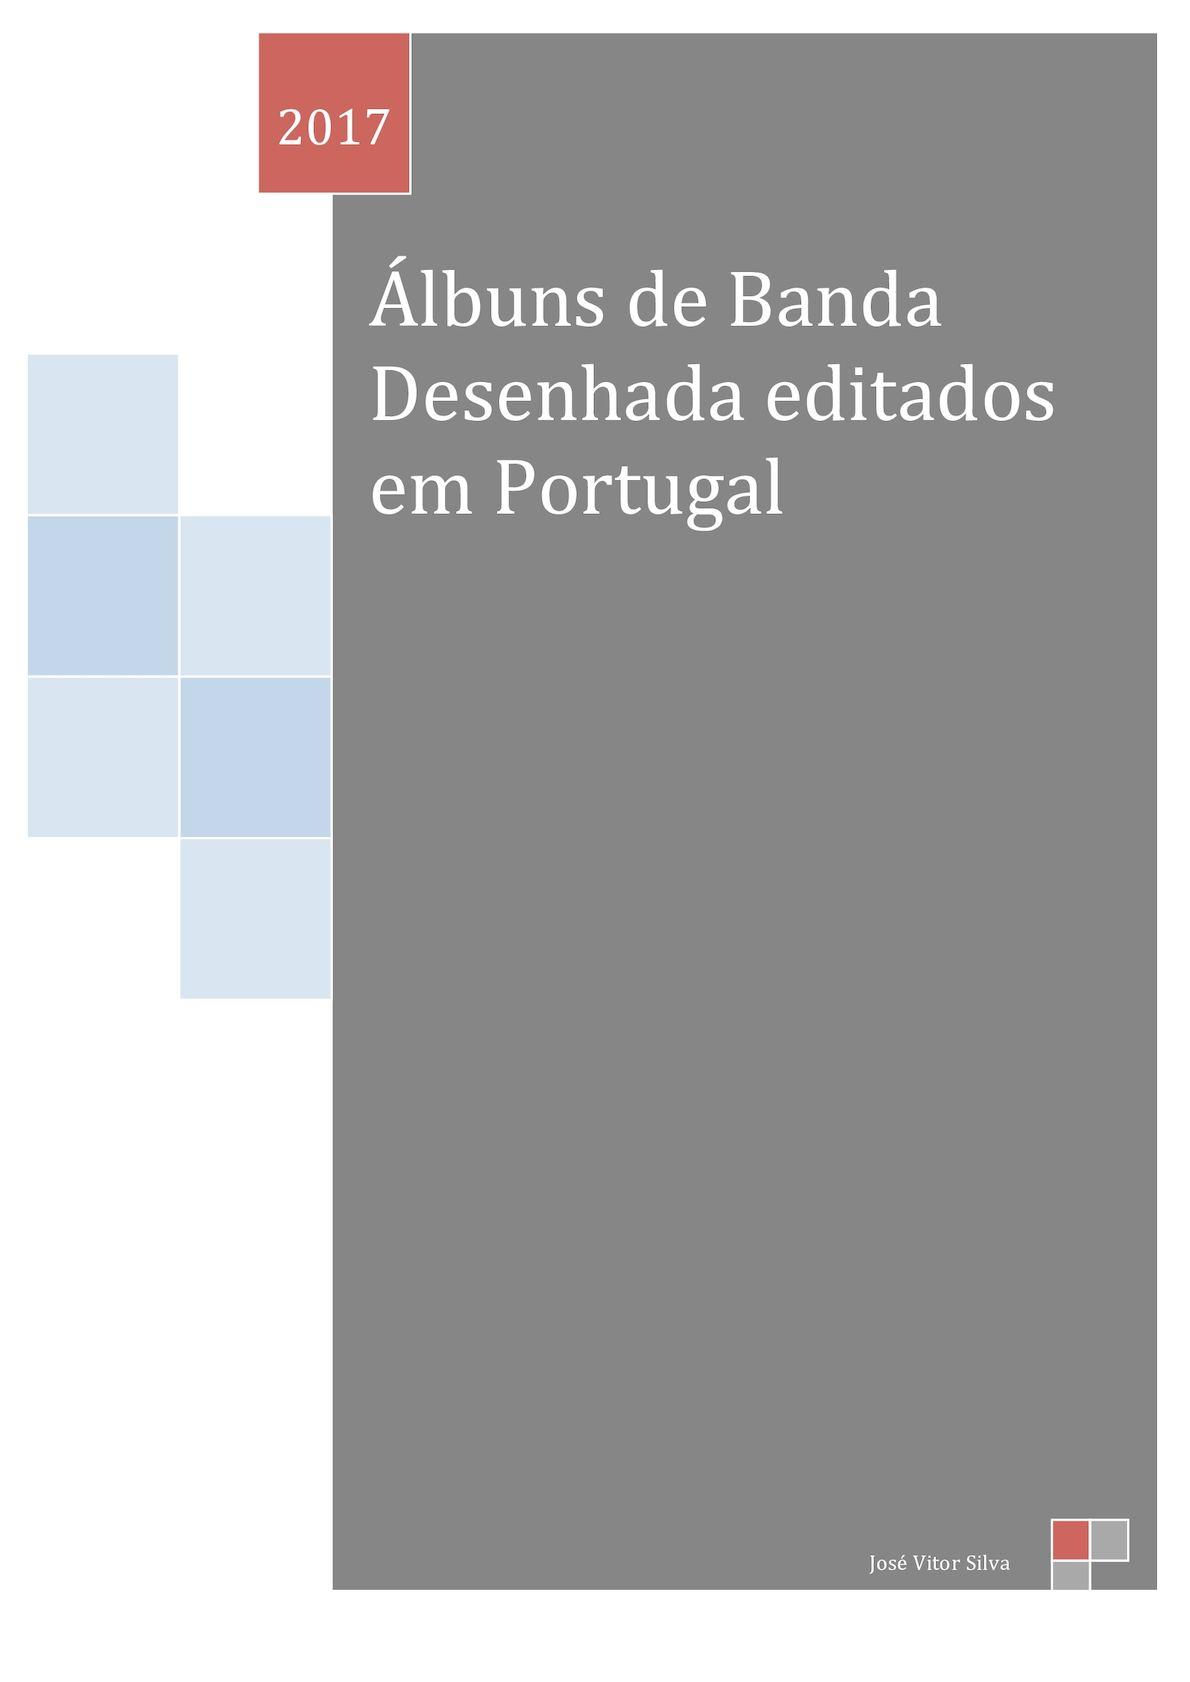 Calaméo - Albuns de BD publicados em Portugal - Edição de 2017 484b3dd9ec4ec